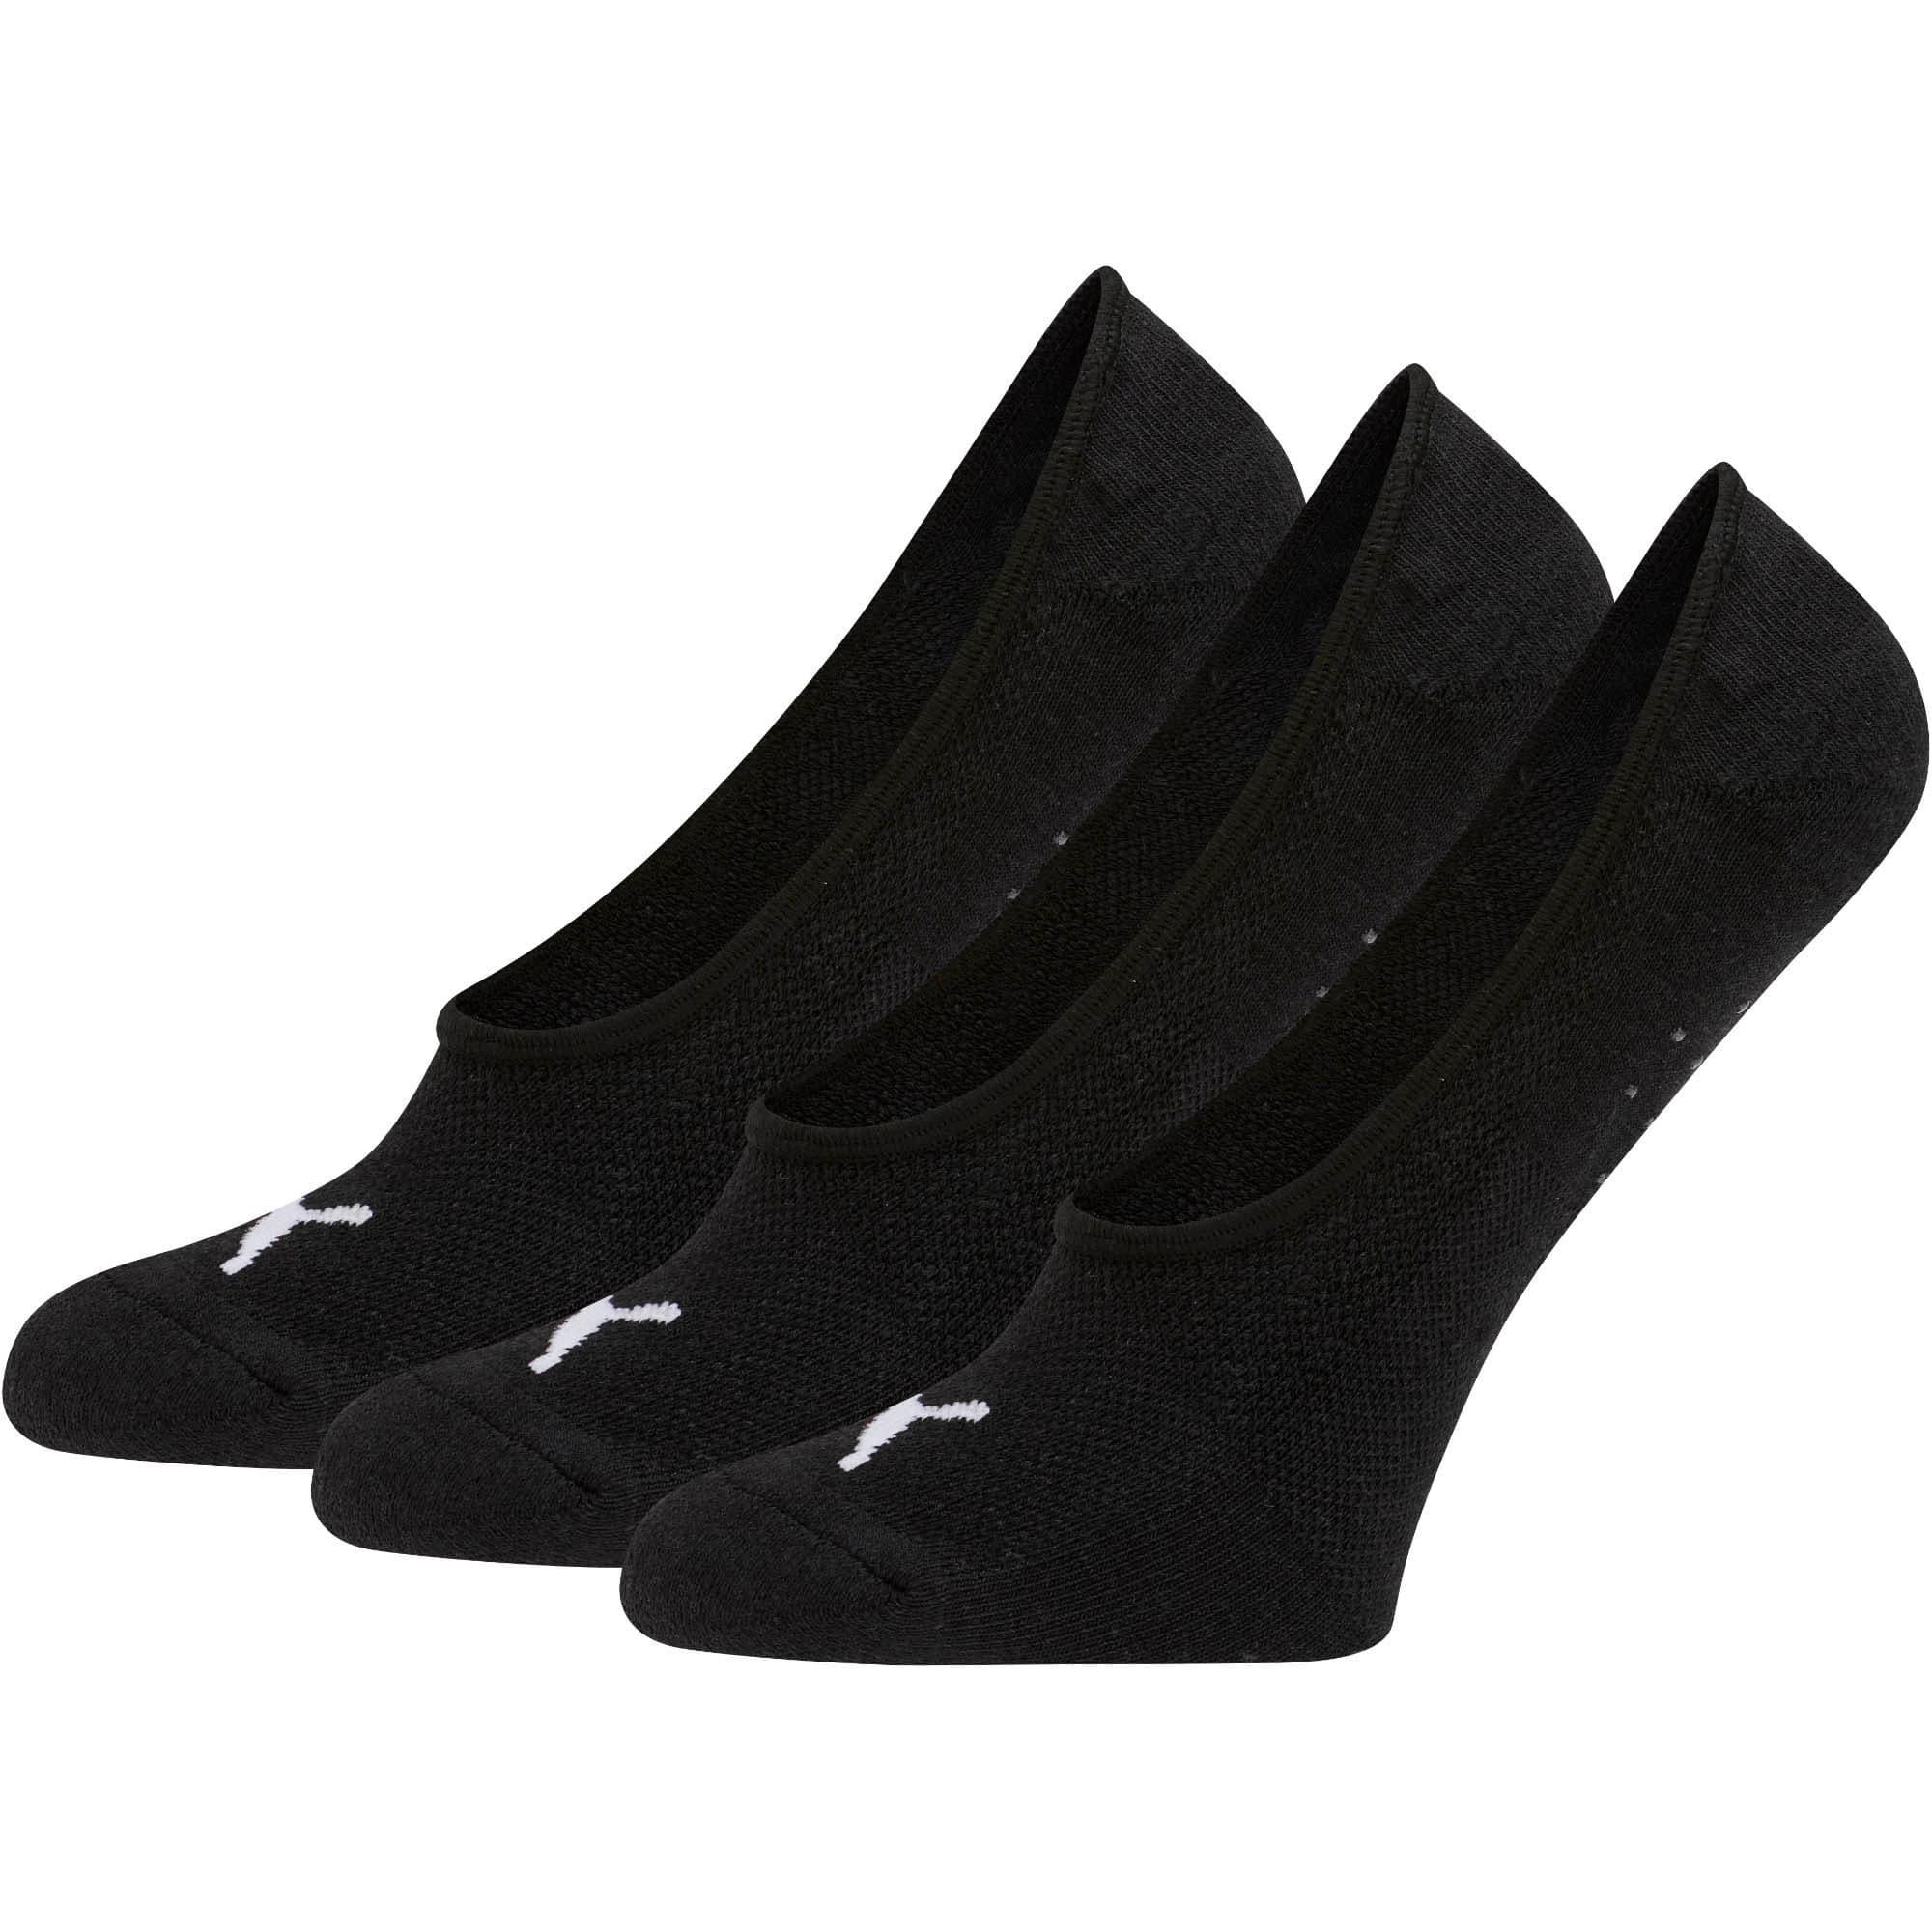 Thumbnail 1 of Women's Select Terry Liner Socks [3 Pack], BLACK / WHITE, medium